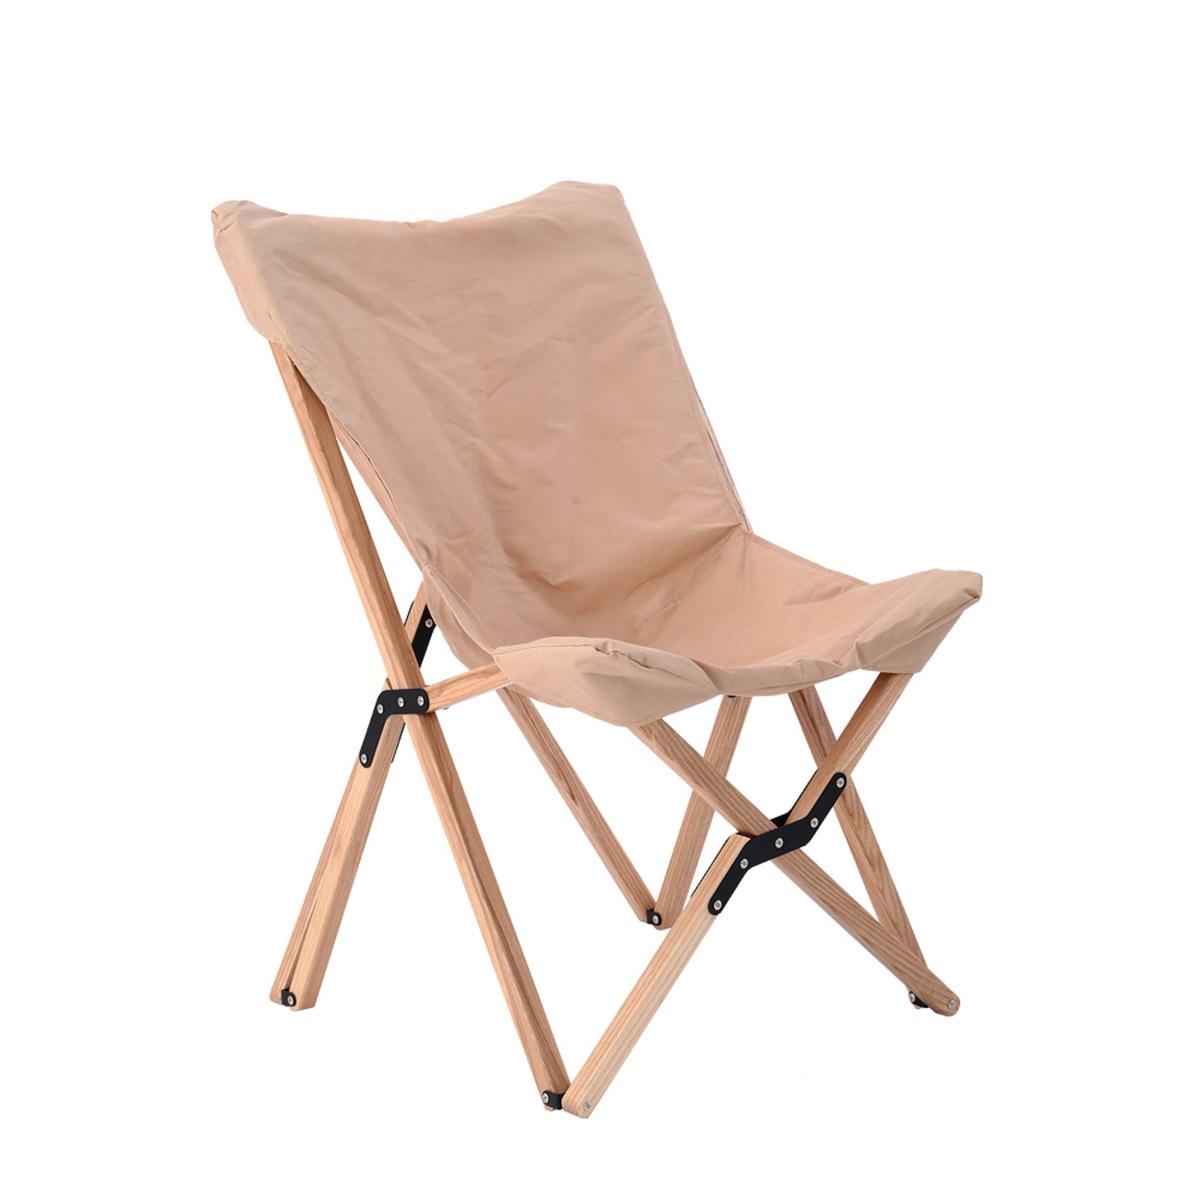 折りたたみチェア 新品 送料無料 チェア おしゃれ イス 椅子 コンパクト アウトドアイス 折りたたみ キャンプ 折り畳み アウトドア イス単品 毎日がバーゲンセール 木製